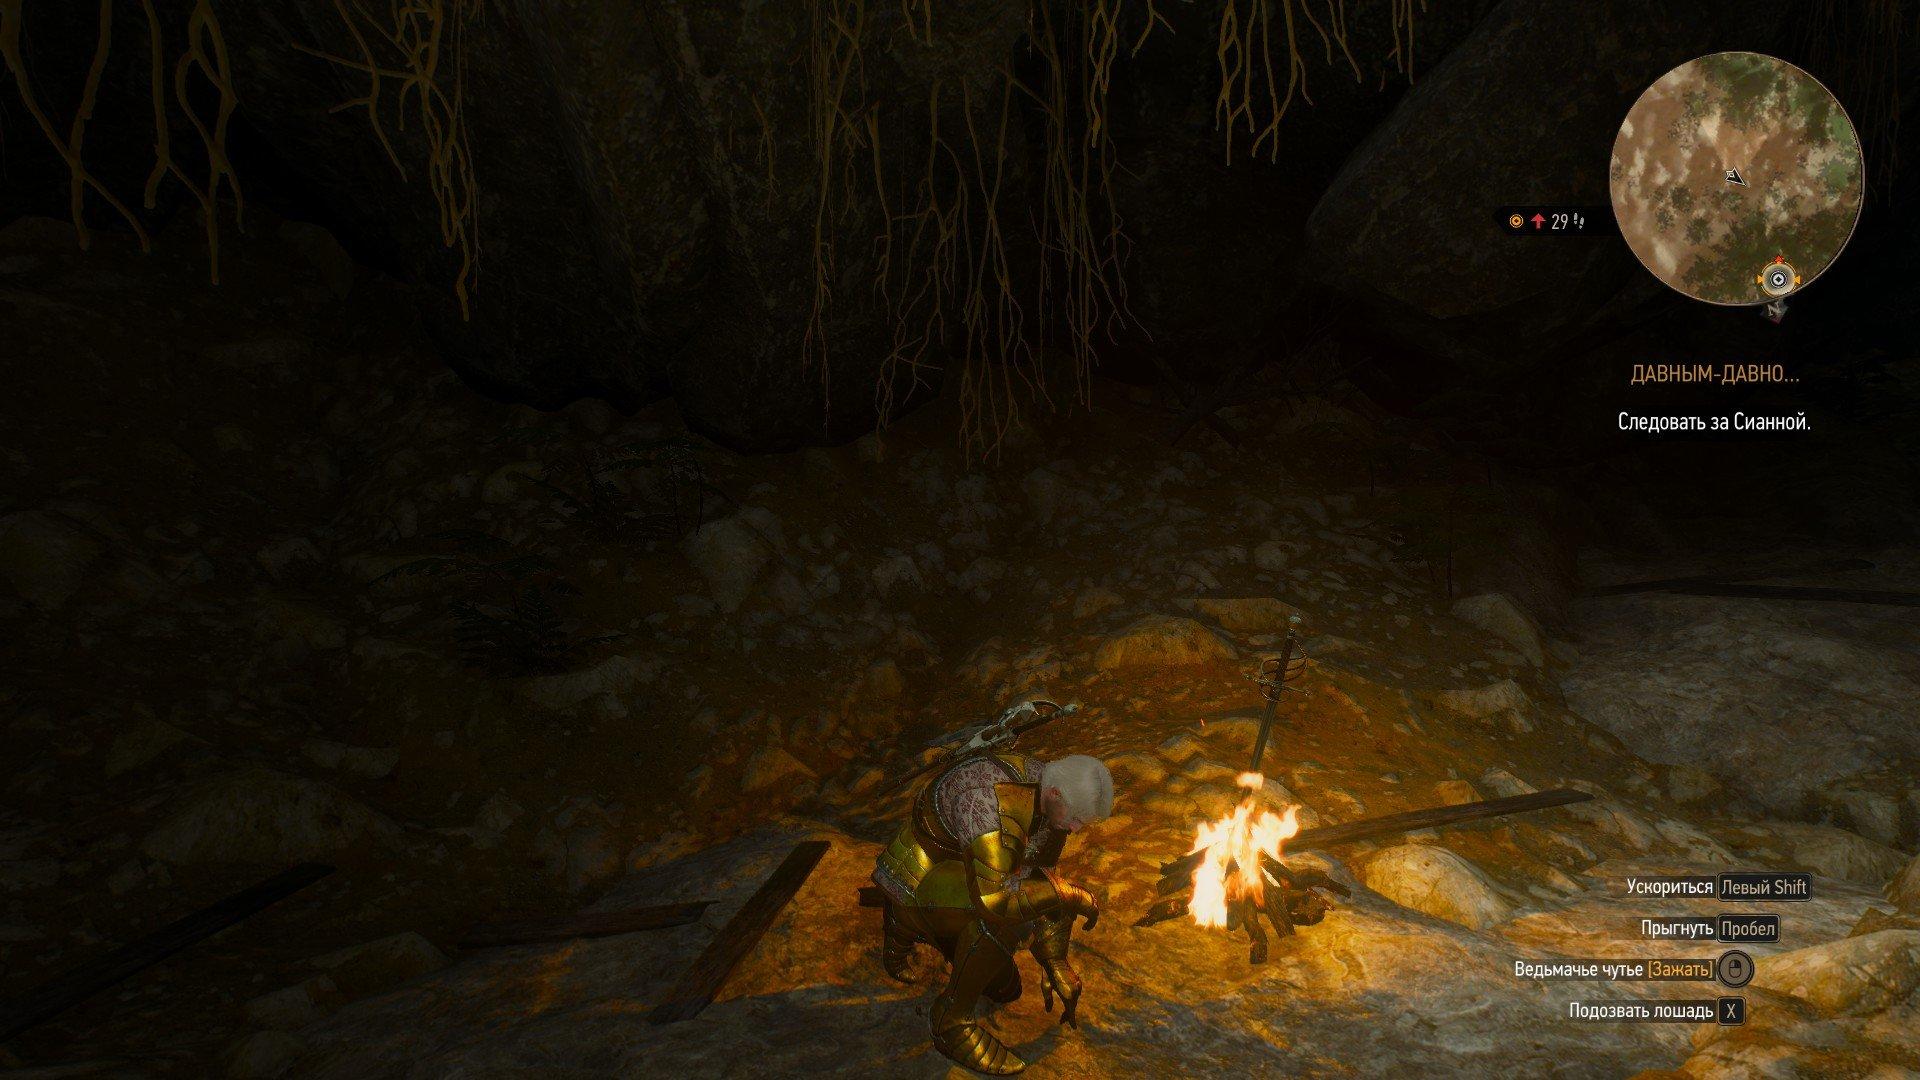 Вопль-прохождение Witcher 3: Кровь и Вино ... ФИНАЛ!!! [ВНИМАНИЕ, СПОЙЛЕРЫ] - Изображение 30